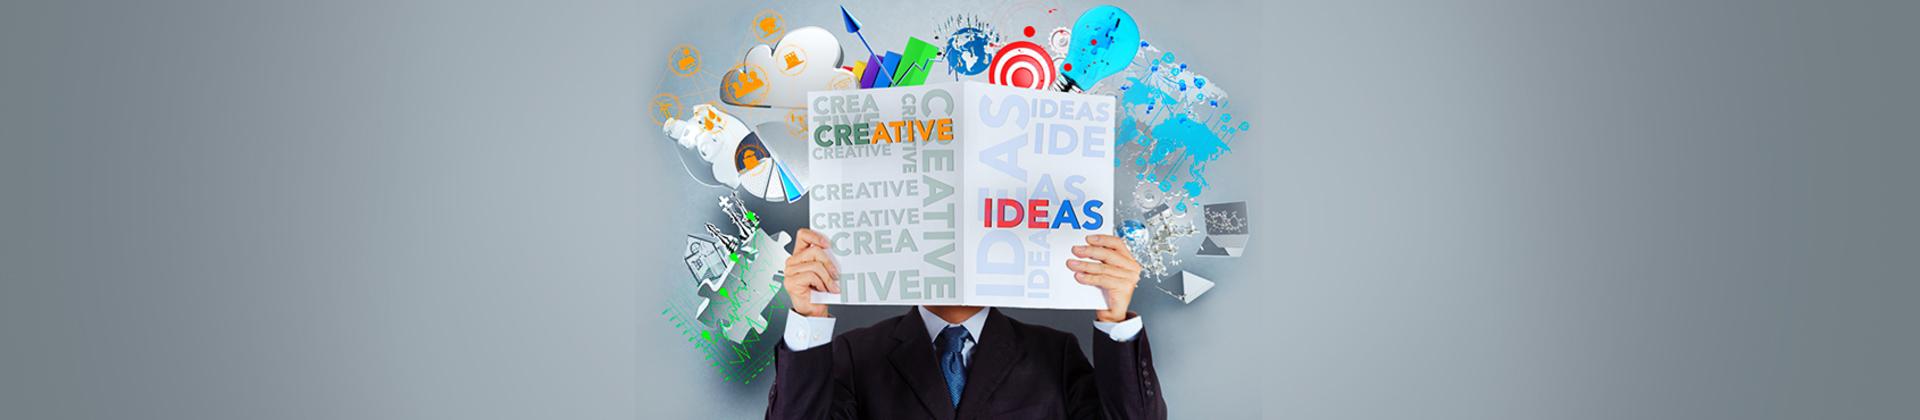 #<School:0x007f1d5ee819f8>-Inovação e Design na autopromoção de profissionais criativos